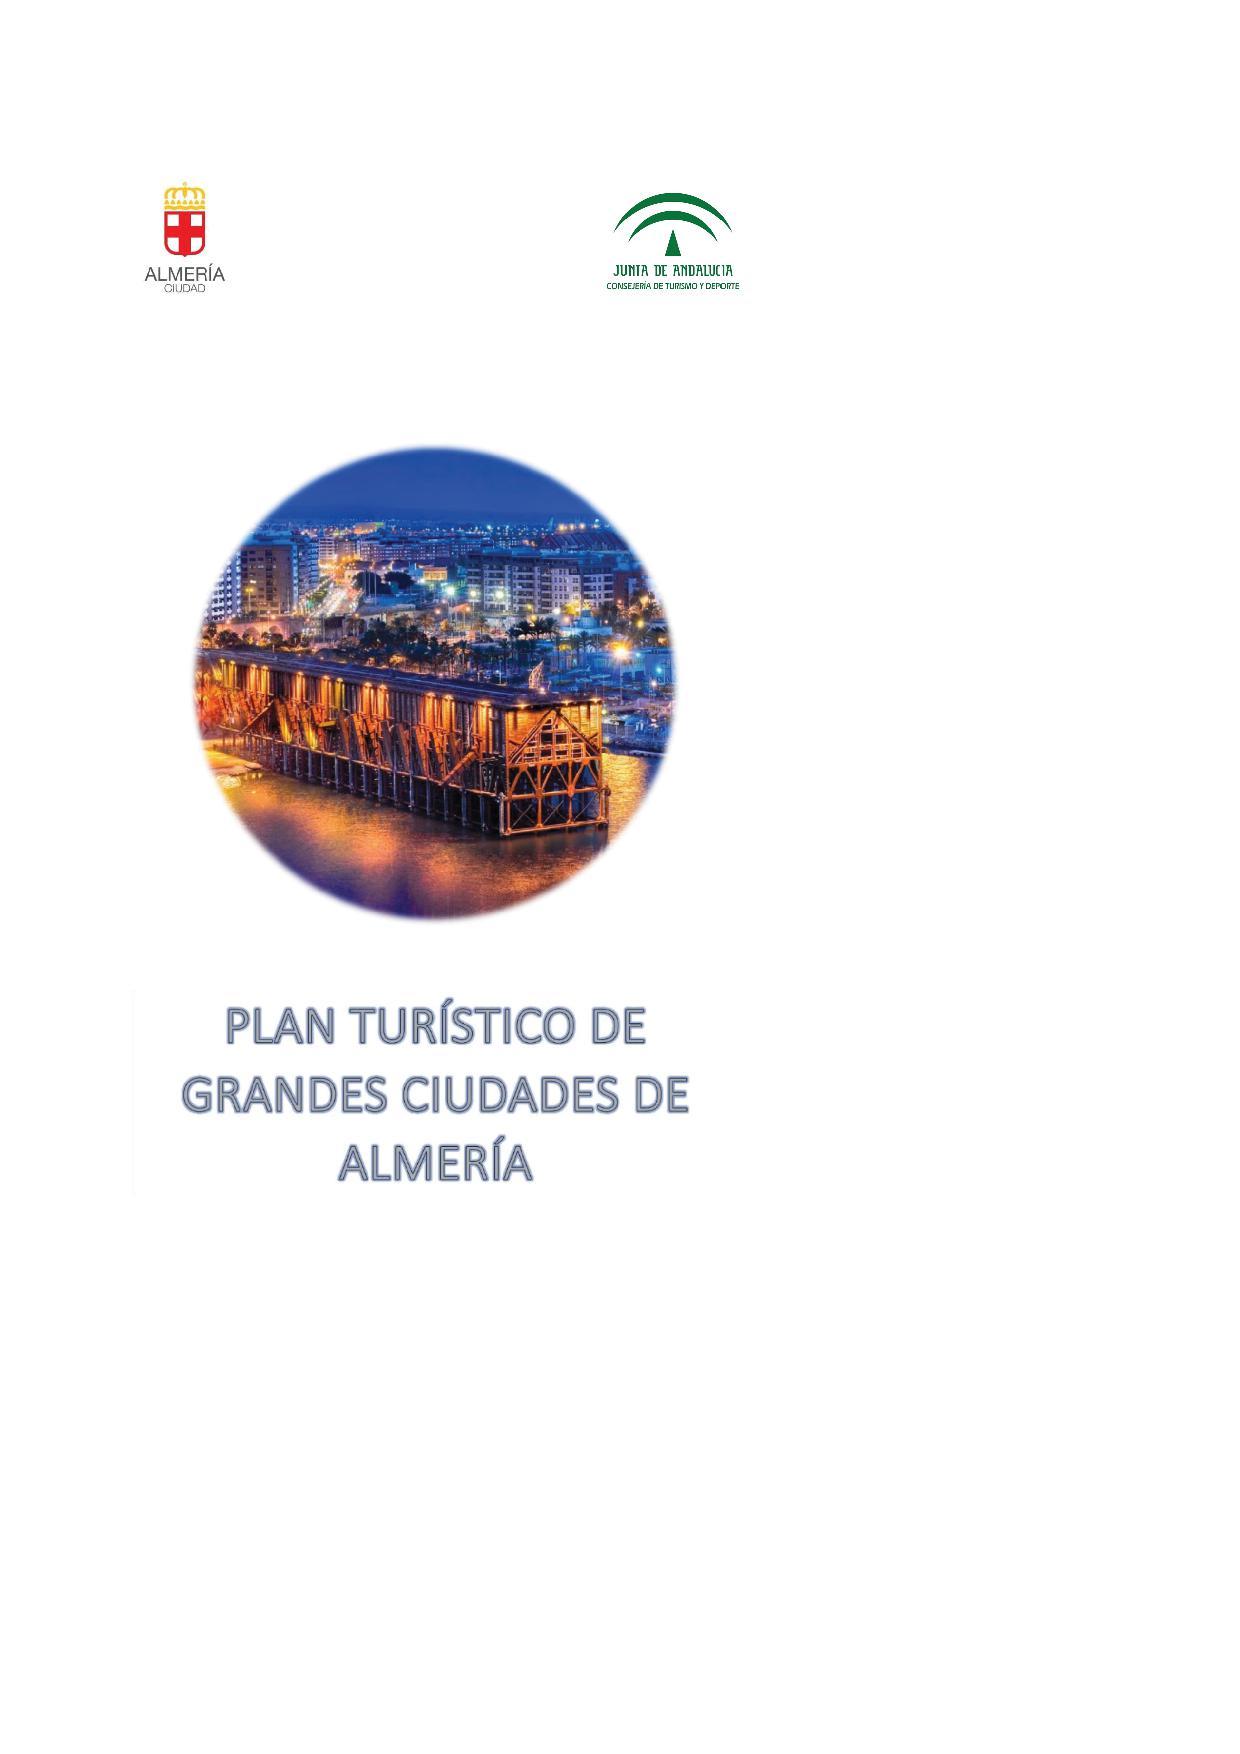 Portada del Plan turístico de Almería